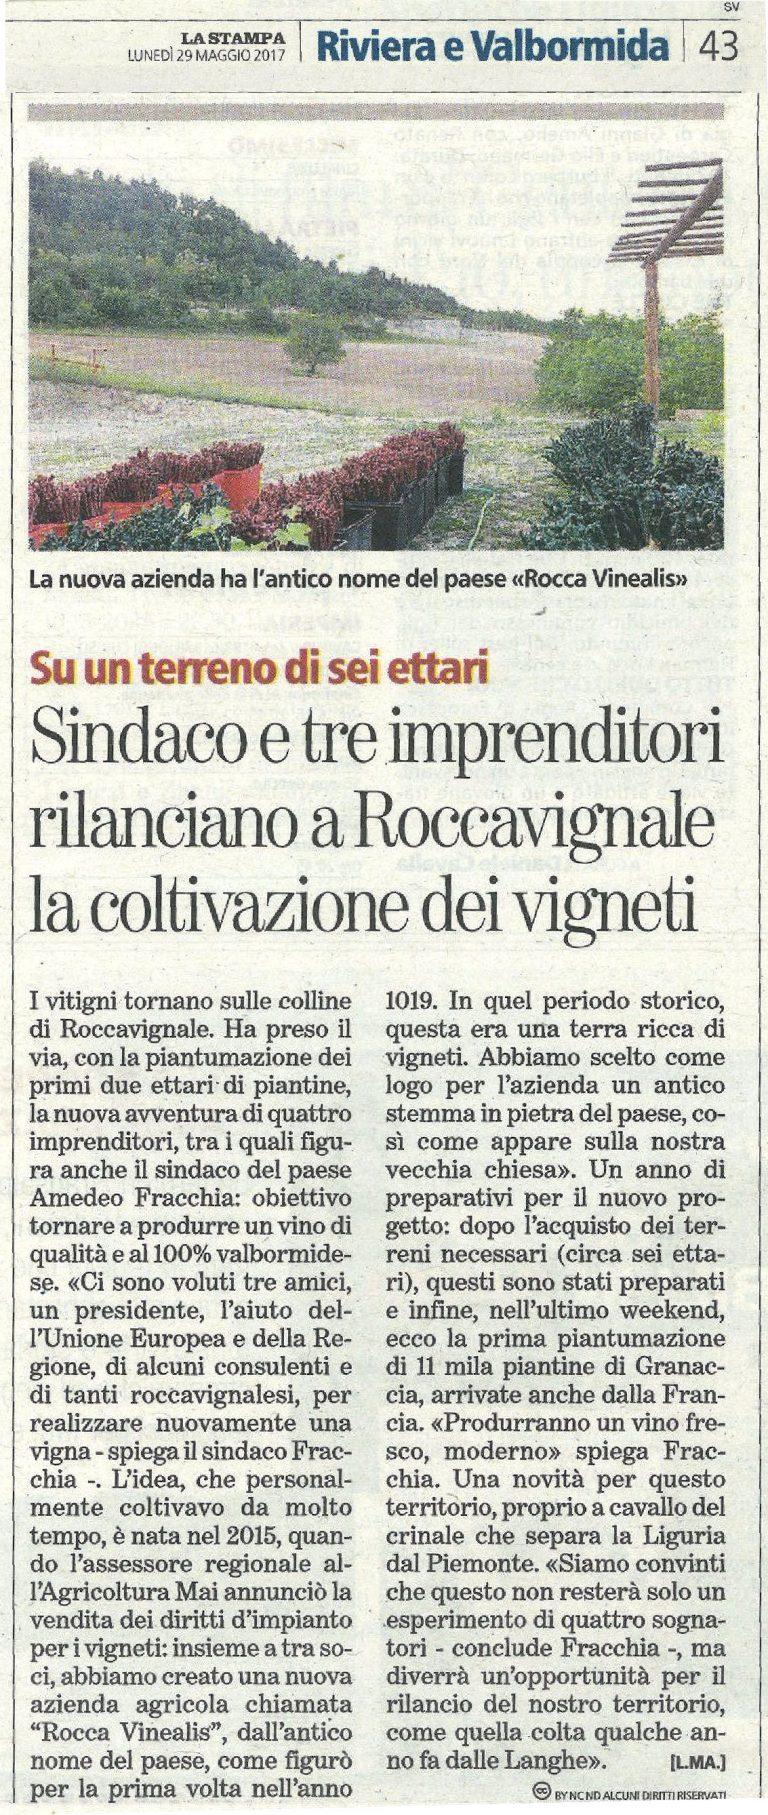 La Stampa 29 maggio 2017 - Azienda Agricola RoccaVinealis - Roccavignale, Provincia di Savona - Coltivazione di Granaccia - Vino Liguria